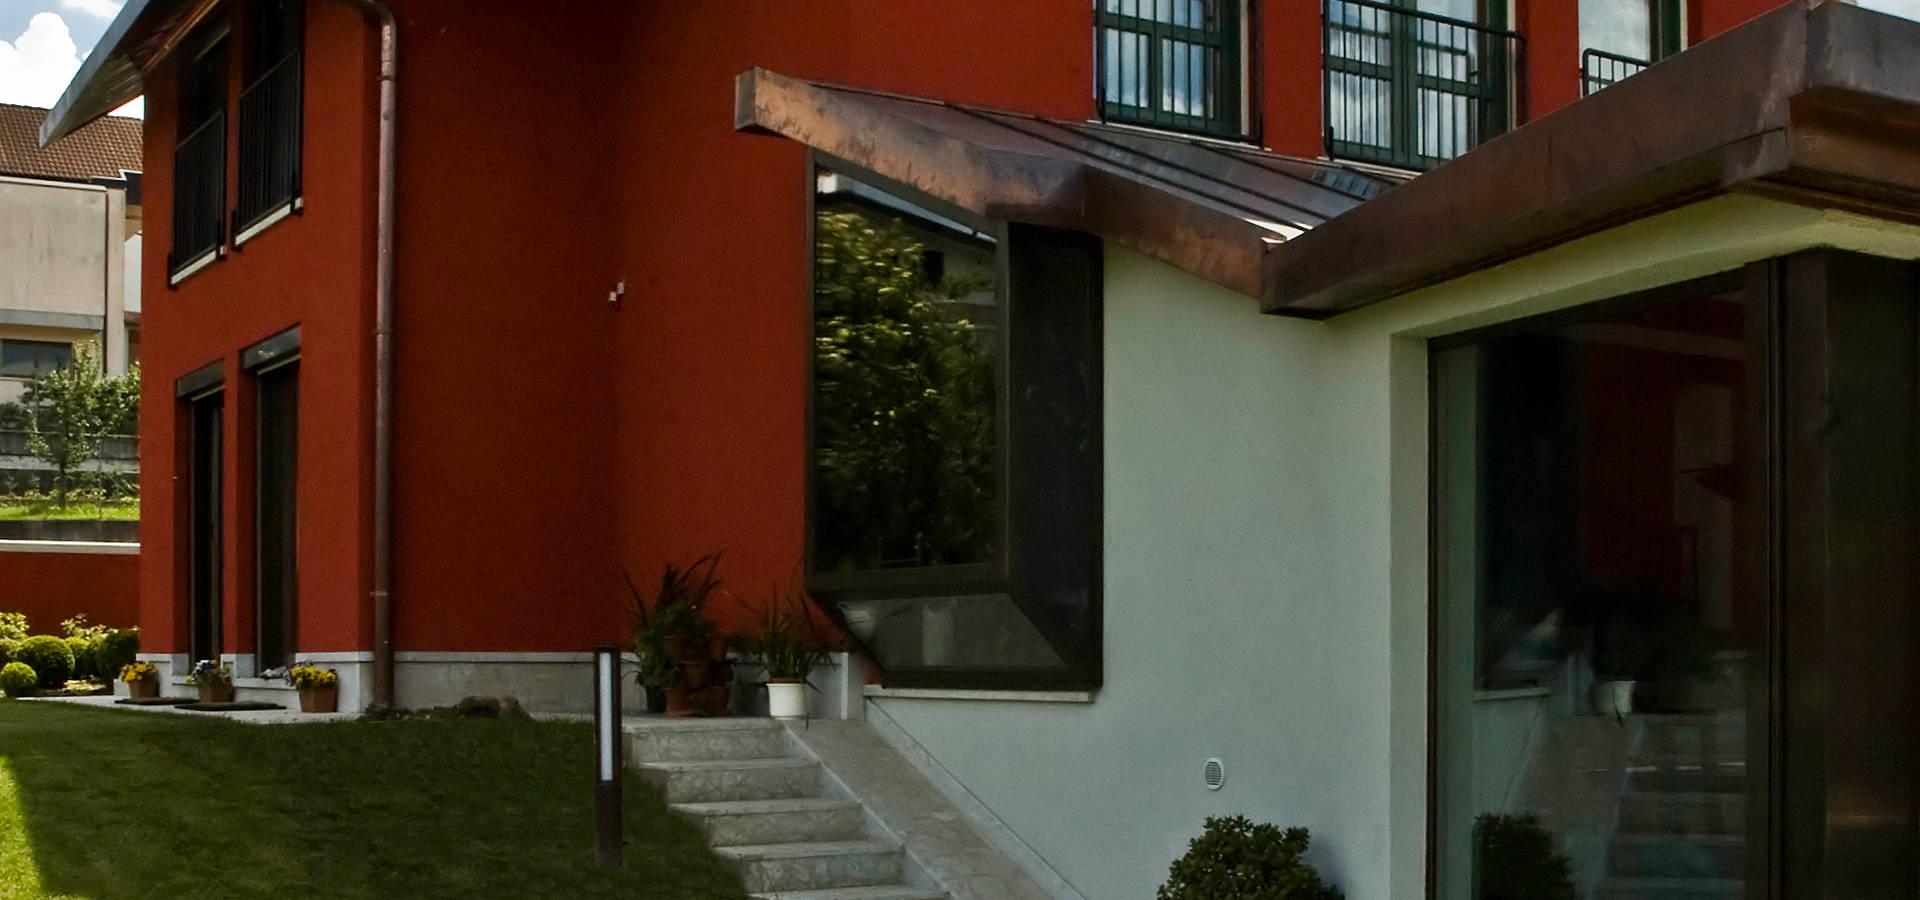 Studio di Architettura Fabiola De Battista Nicola Collazuol – Atelier 2IN1